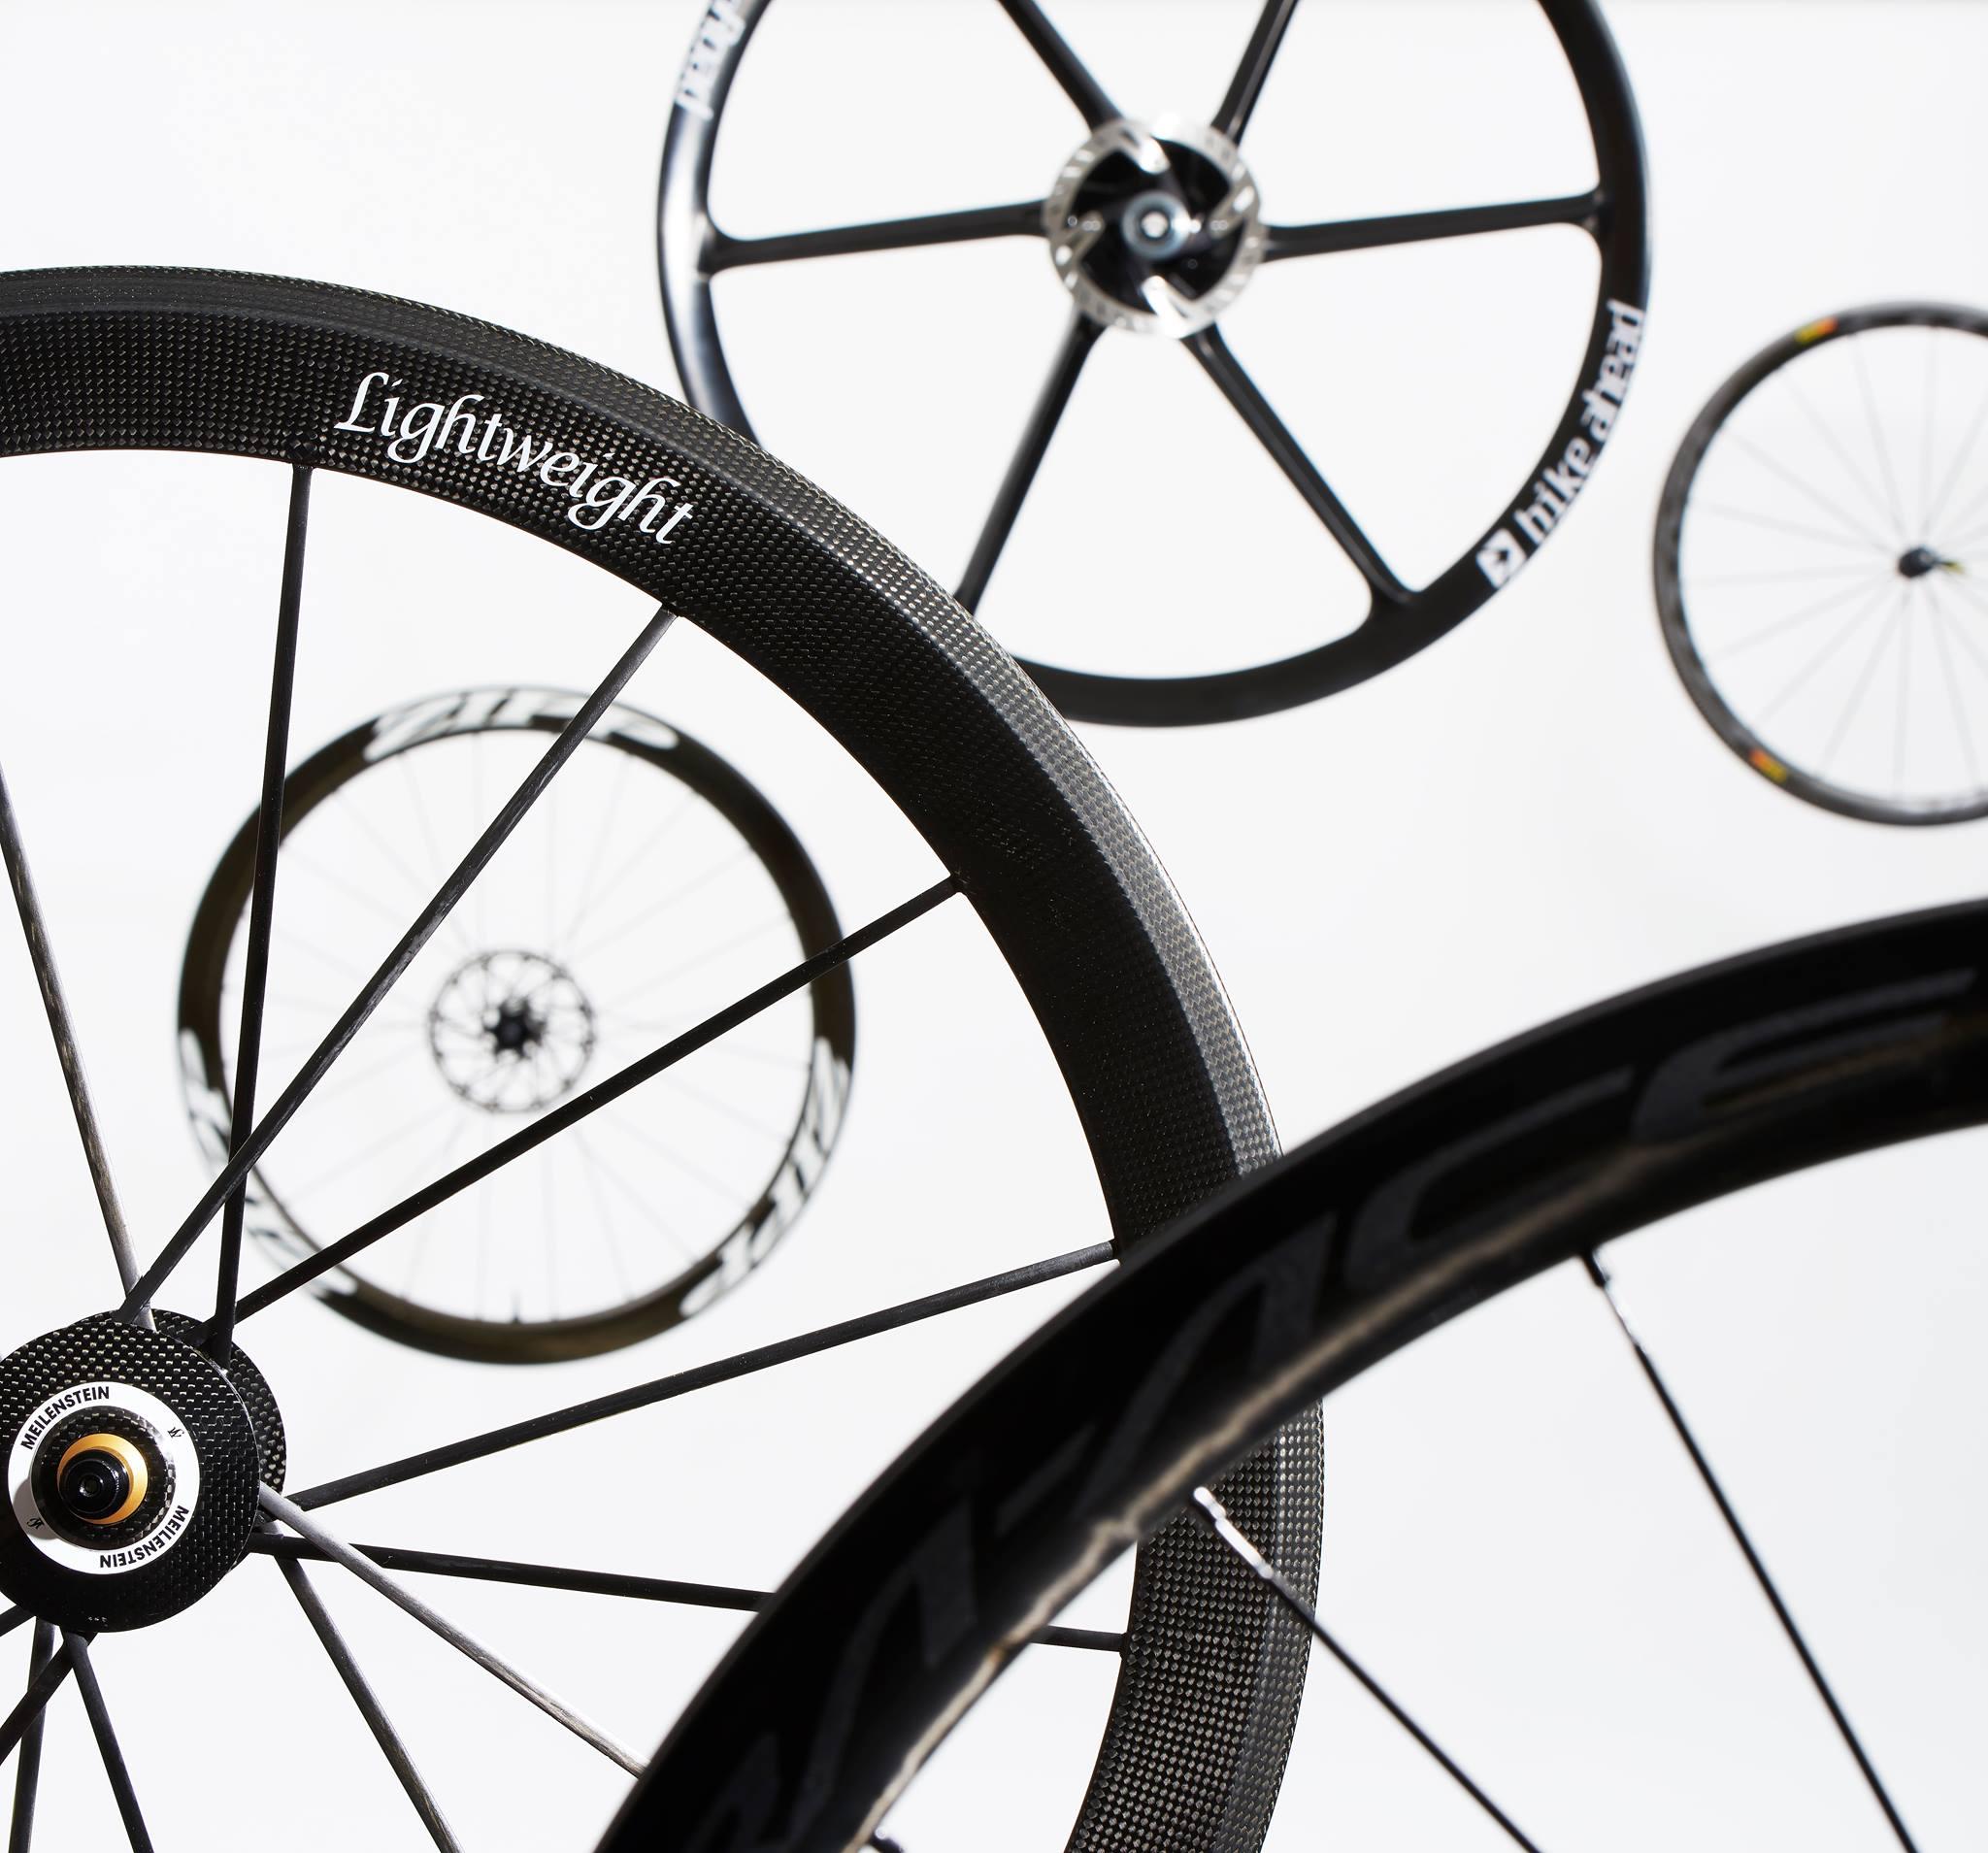 リム&ディスクの注目32モデルを徹底試乗! 2019ロードバイクホイール考